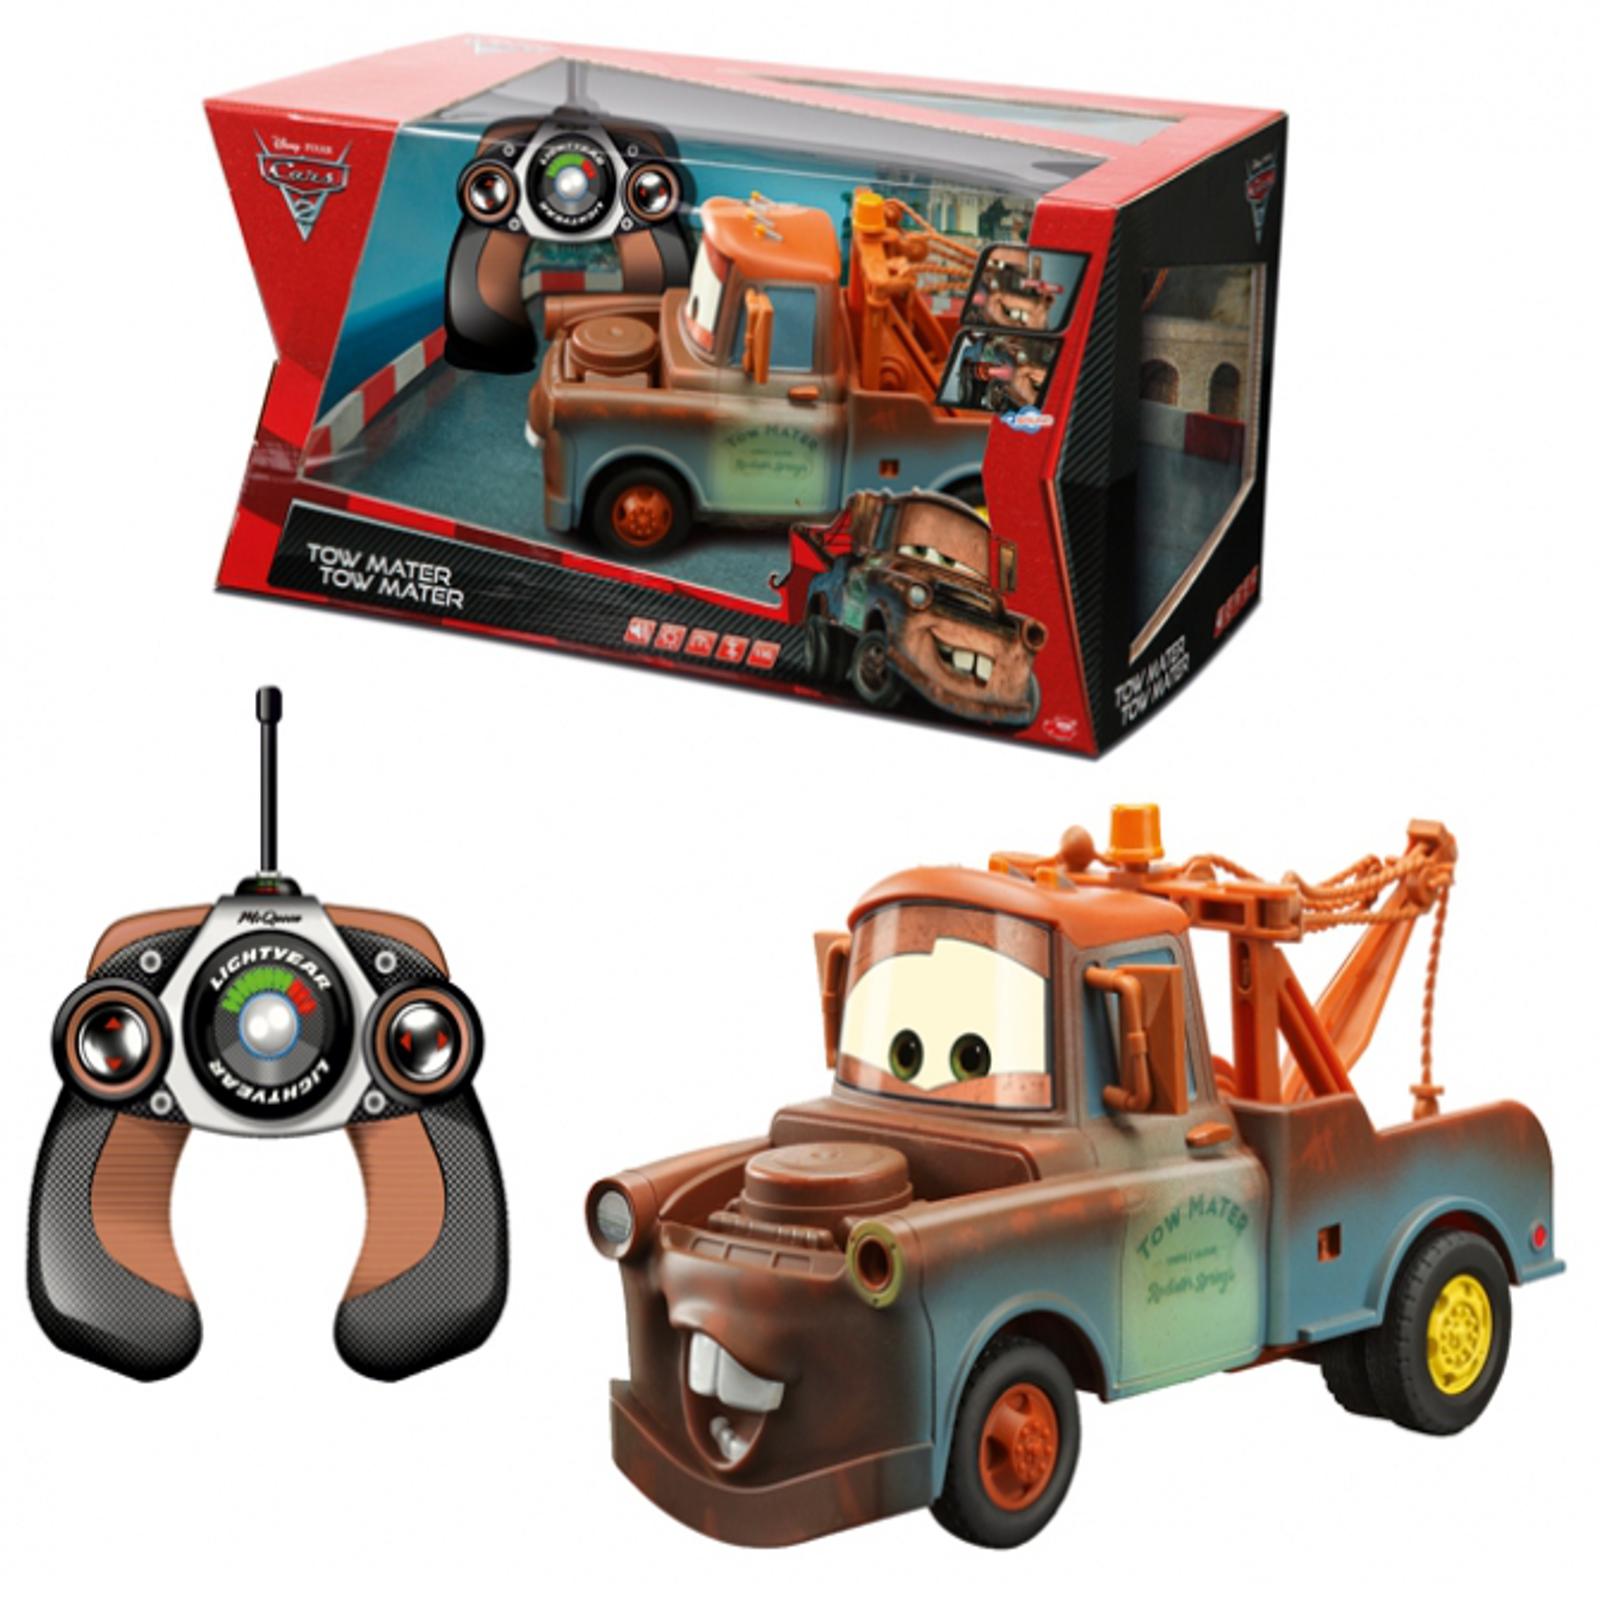 Машинки на радиоуправлении Dickie Toys Машина Мэтр (29 см.)<br>